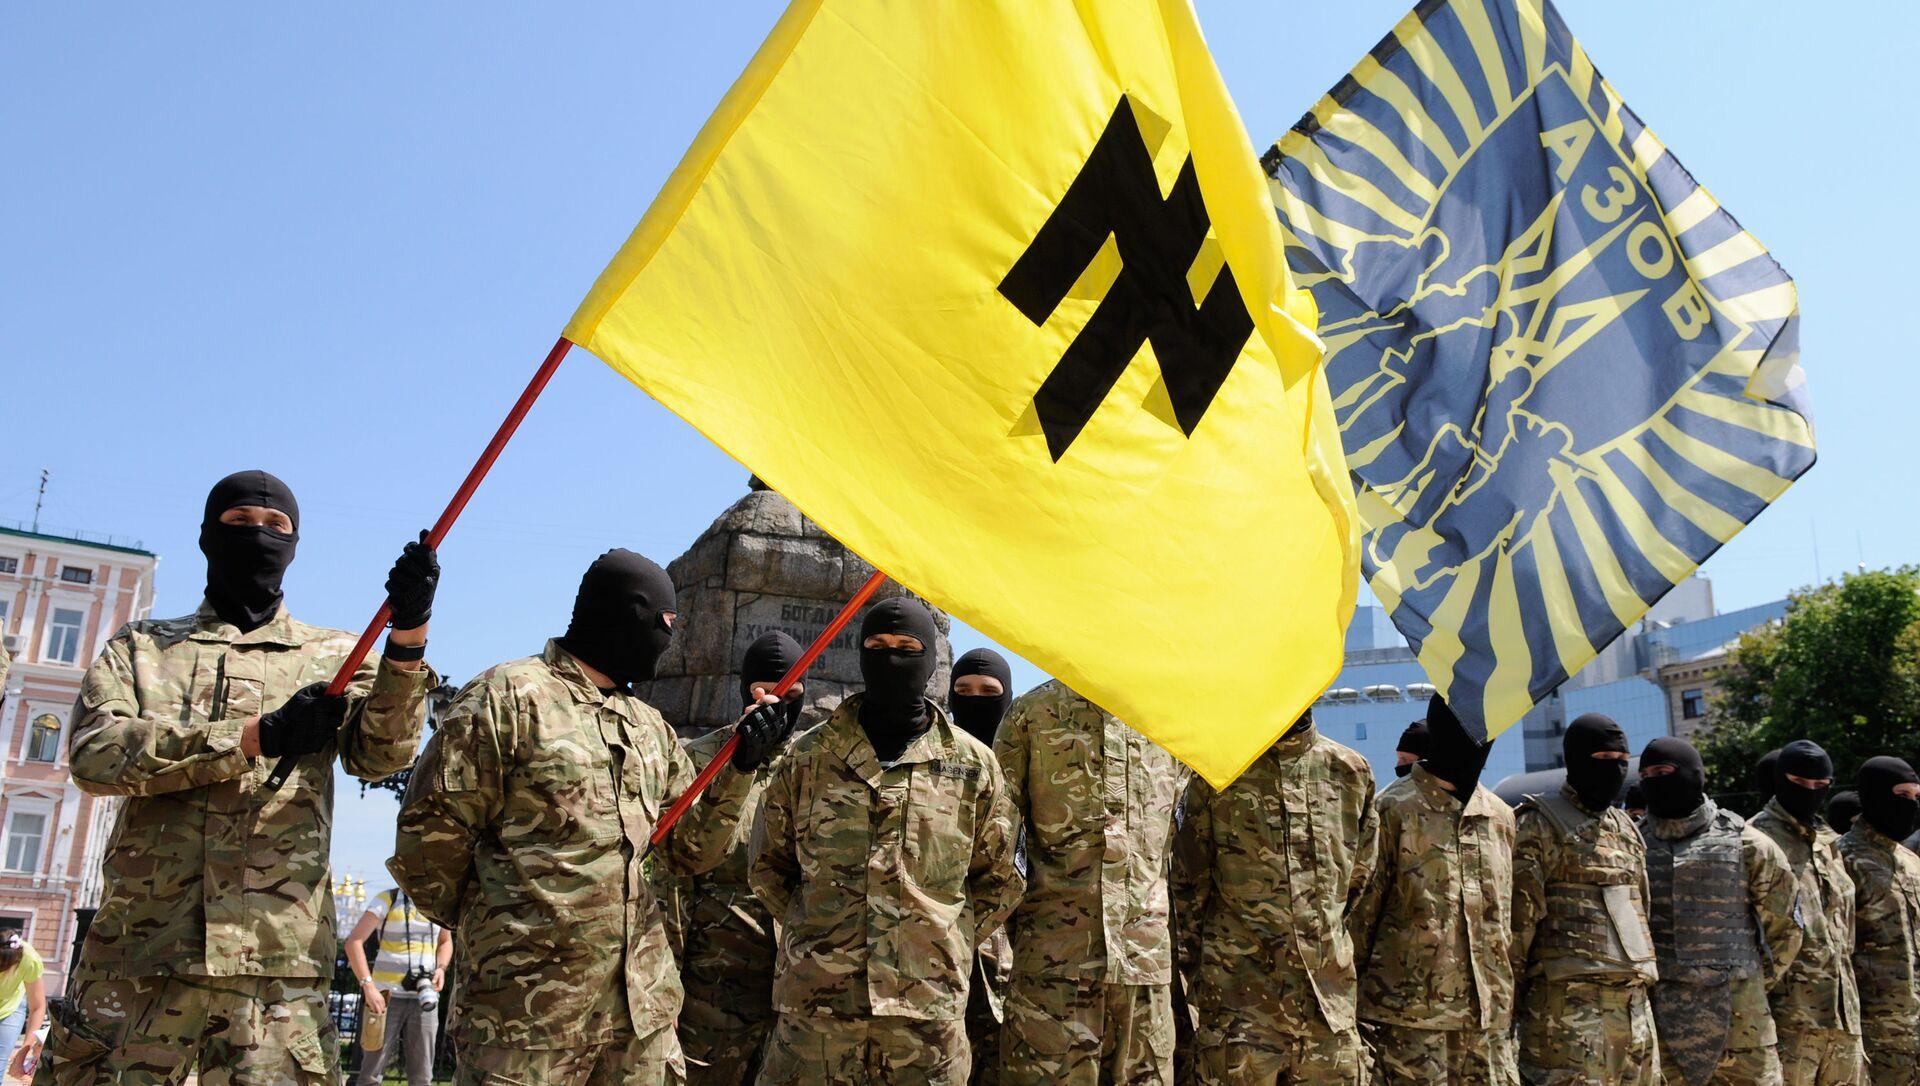 Bojownicy batalionu Azow w Kijowie przed wysłaniem na front Donbasu - Sputnik Polska, 1920, 10.04.2021